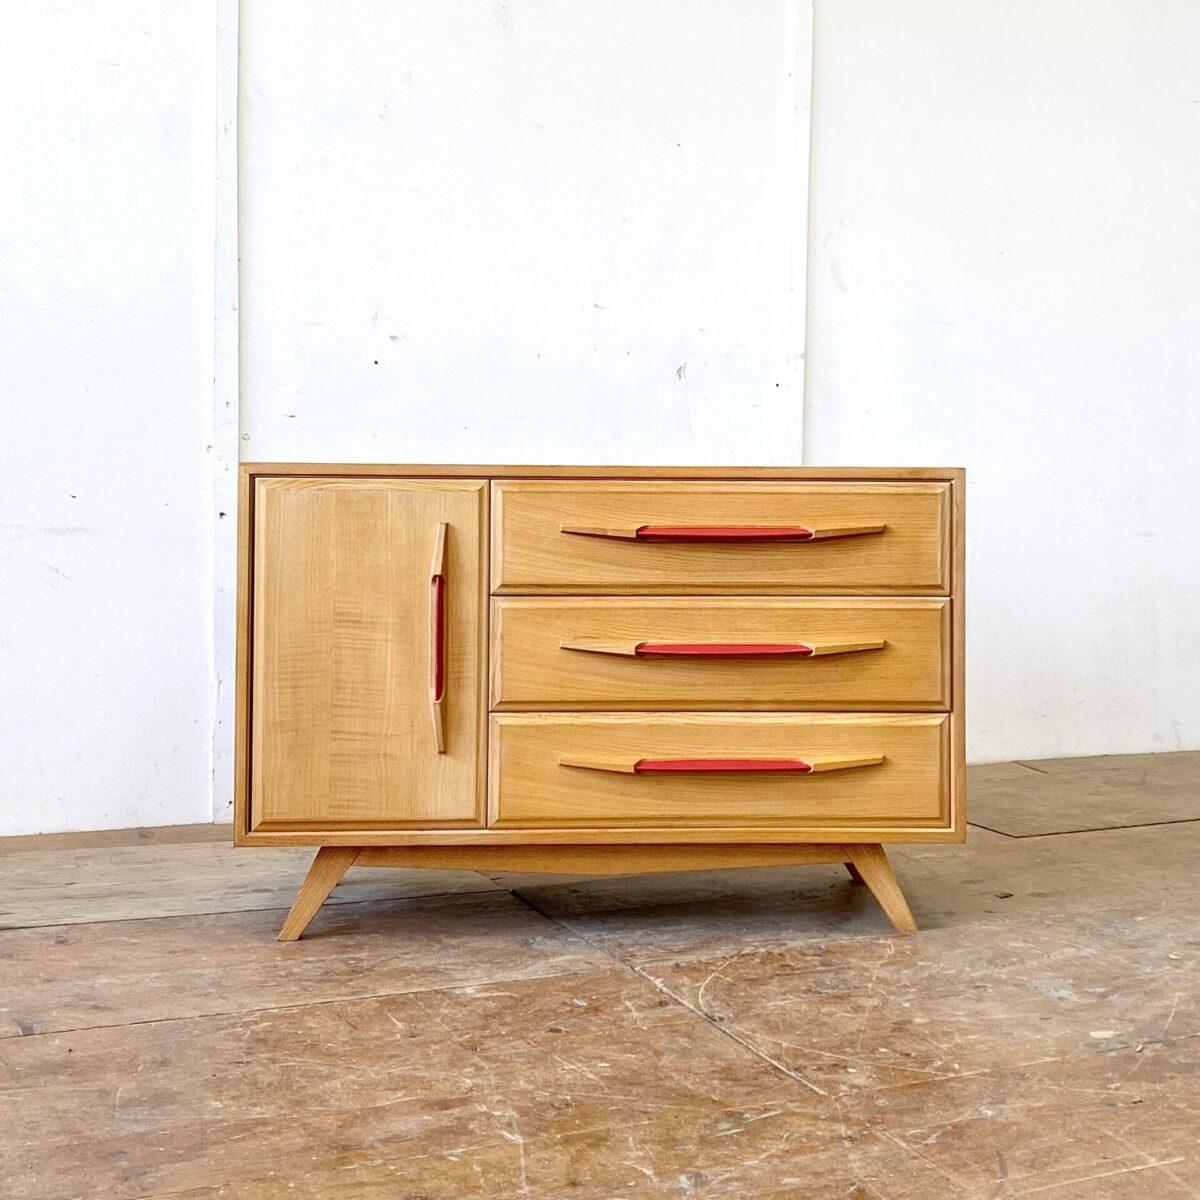 Deuxieme.shop midcentury sideboard vintage Kleider Kommode. Schweizer Kommode von Corta Multiform 50er Jahre. 103x42cm Höhe 67.5cm. Das Sideboard ist aus Eschenholz, Schubladen und Türgriffe mit rotem Kunstleder. Hinter der Türe befindet sich ein Tablar.